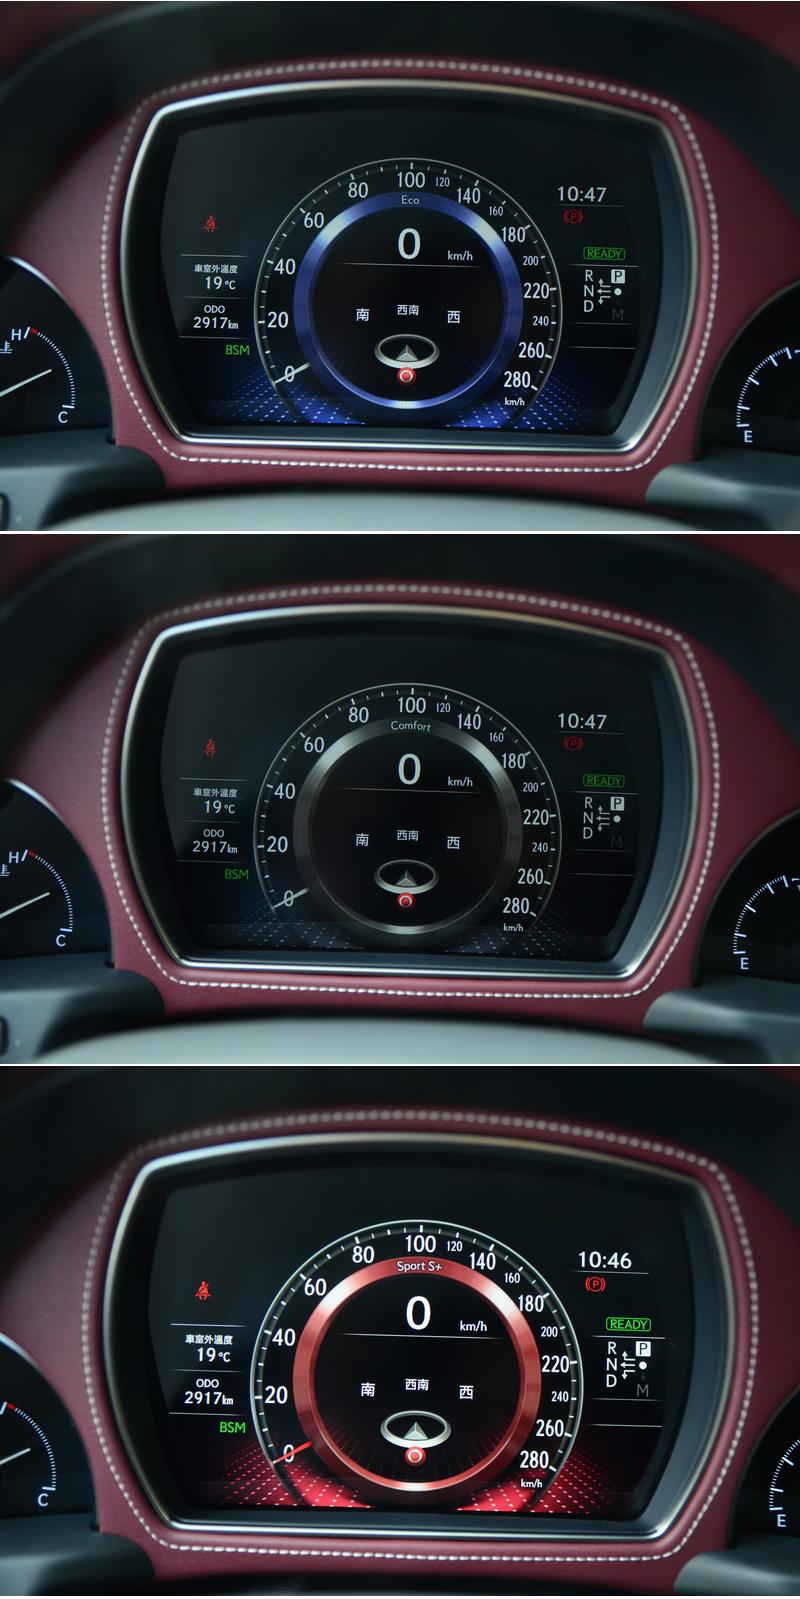 三種不同模式賦予駕駛顯明的操駕差異